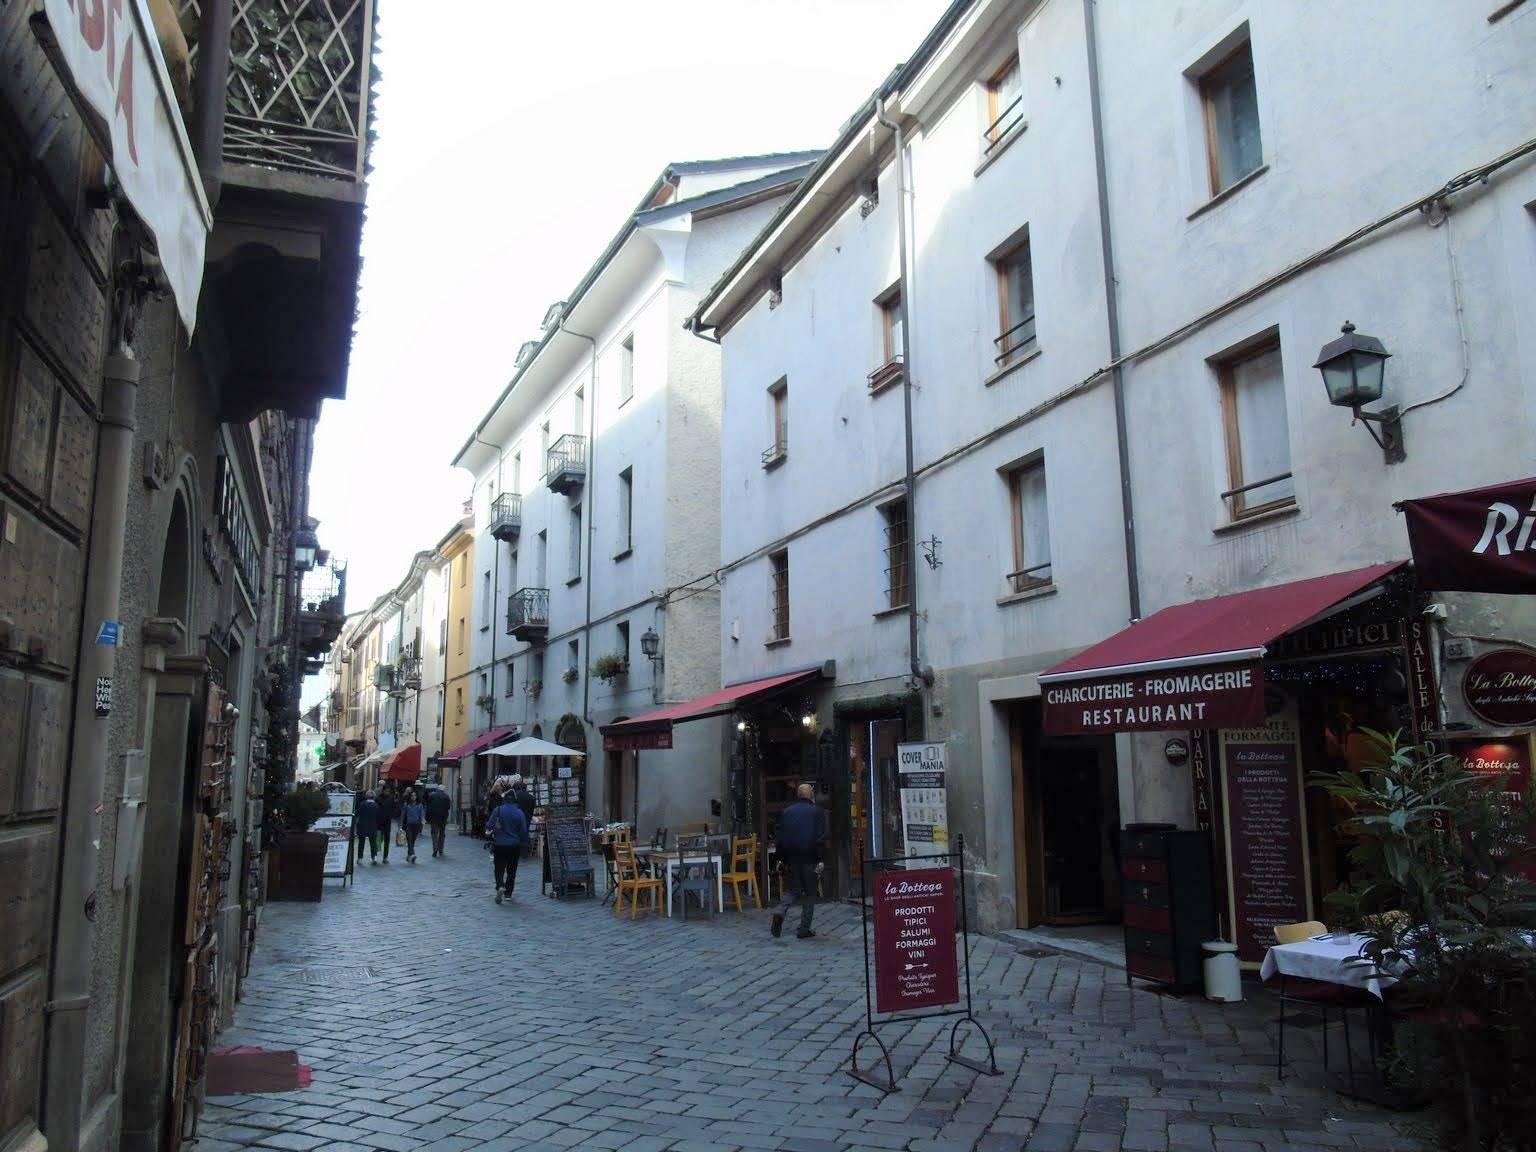 Appartamento in affitto a Aosta, 4 locali, zona Zona: Centro, prezzo € 750 | CambioCasa.it